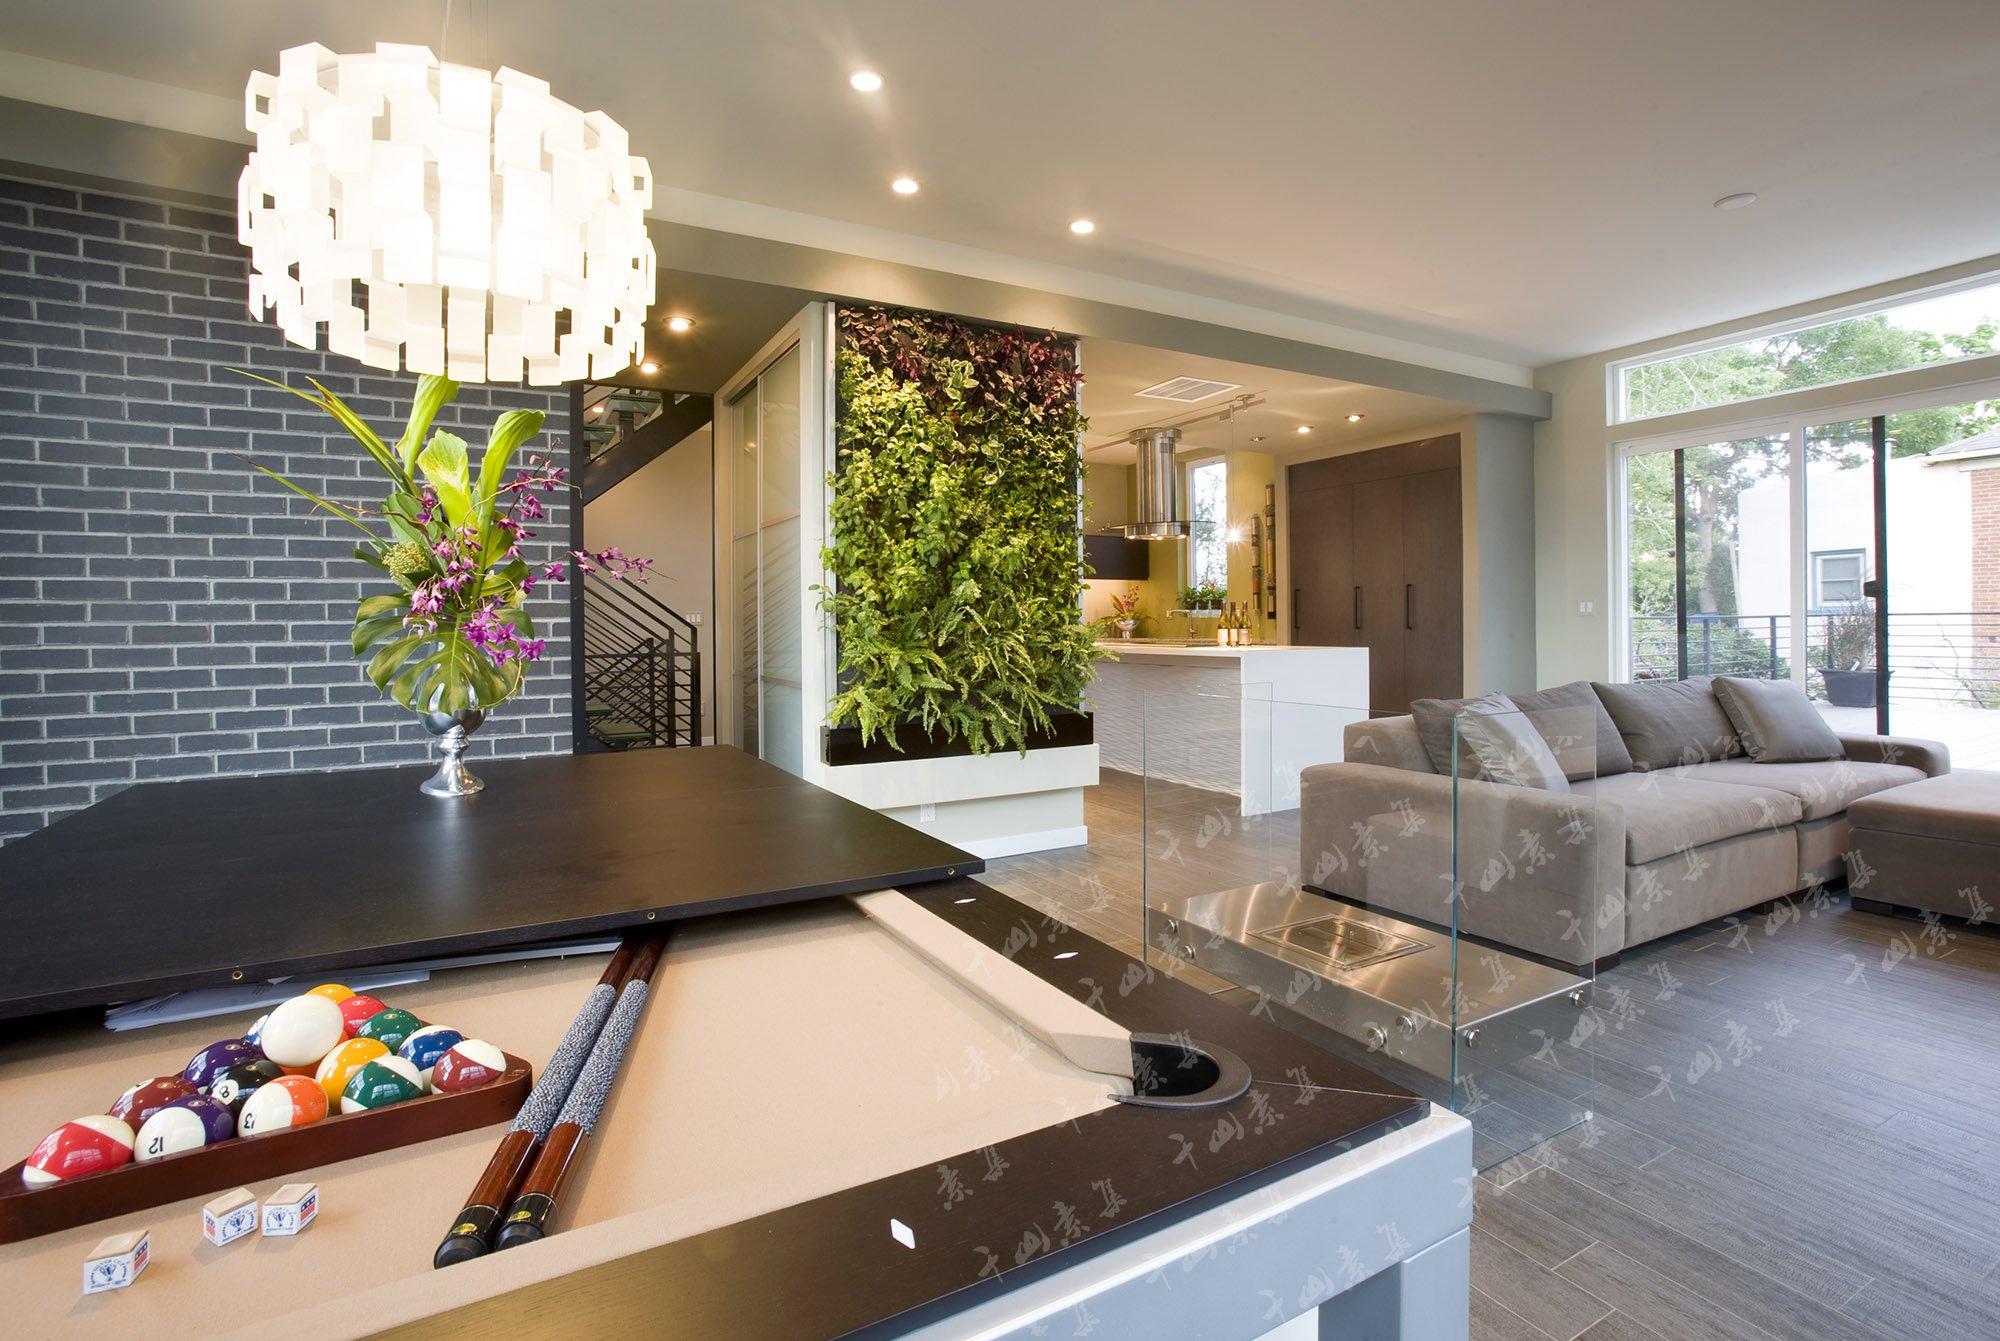 家庭植物墙,室内植物墙,家居绿植,室内景观